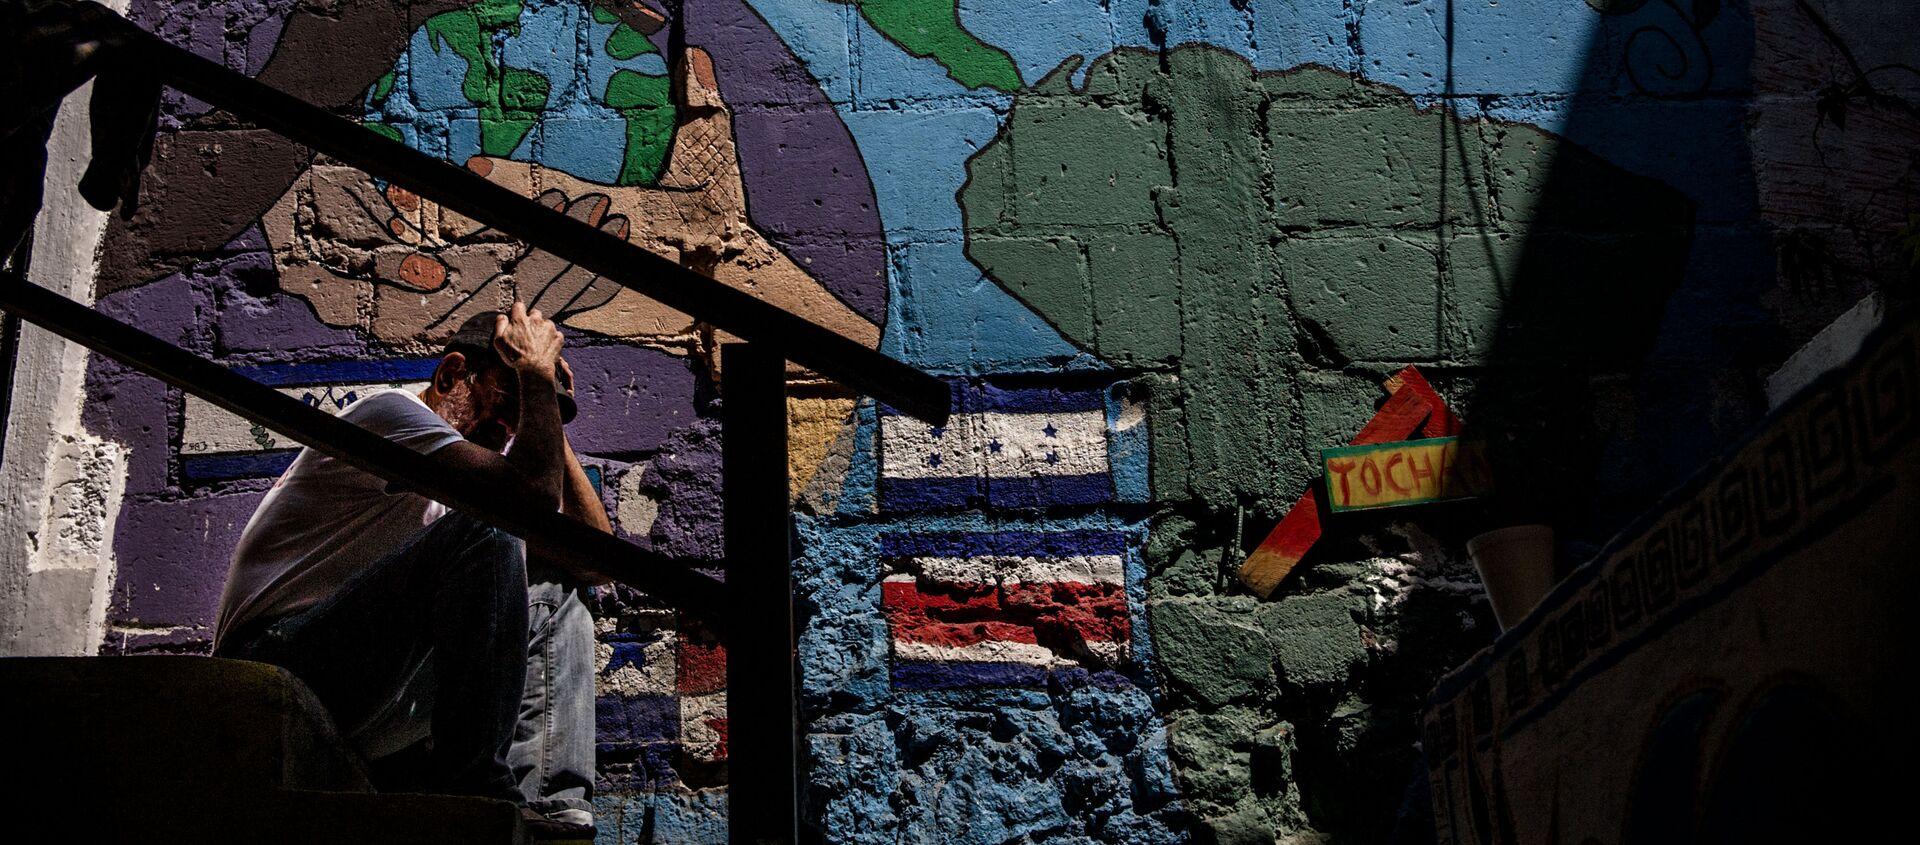 Migrante centroamericano en el albergue Casa Tochán, espera la resolución de su refugio - Sputnik Mundo, 1920, 23.07.2018